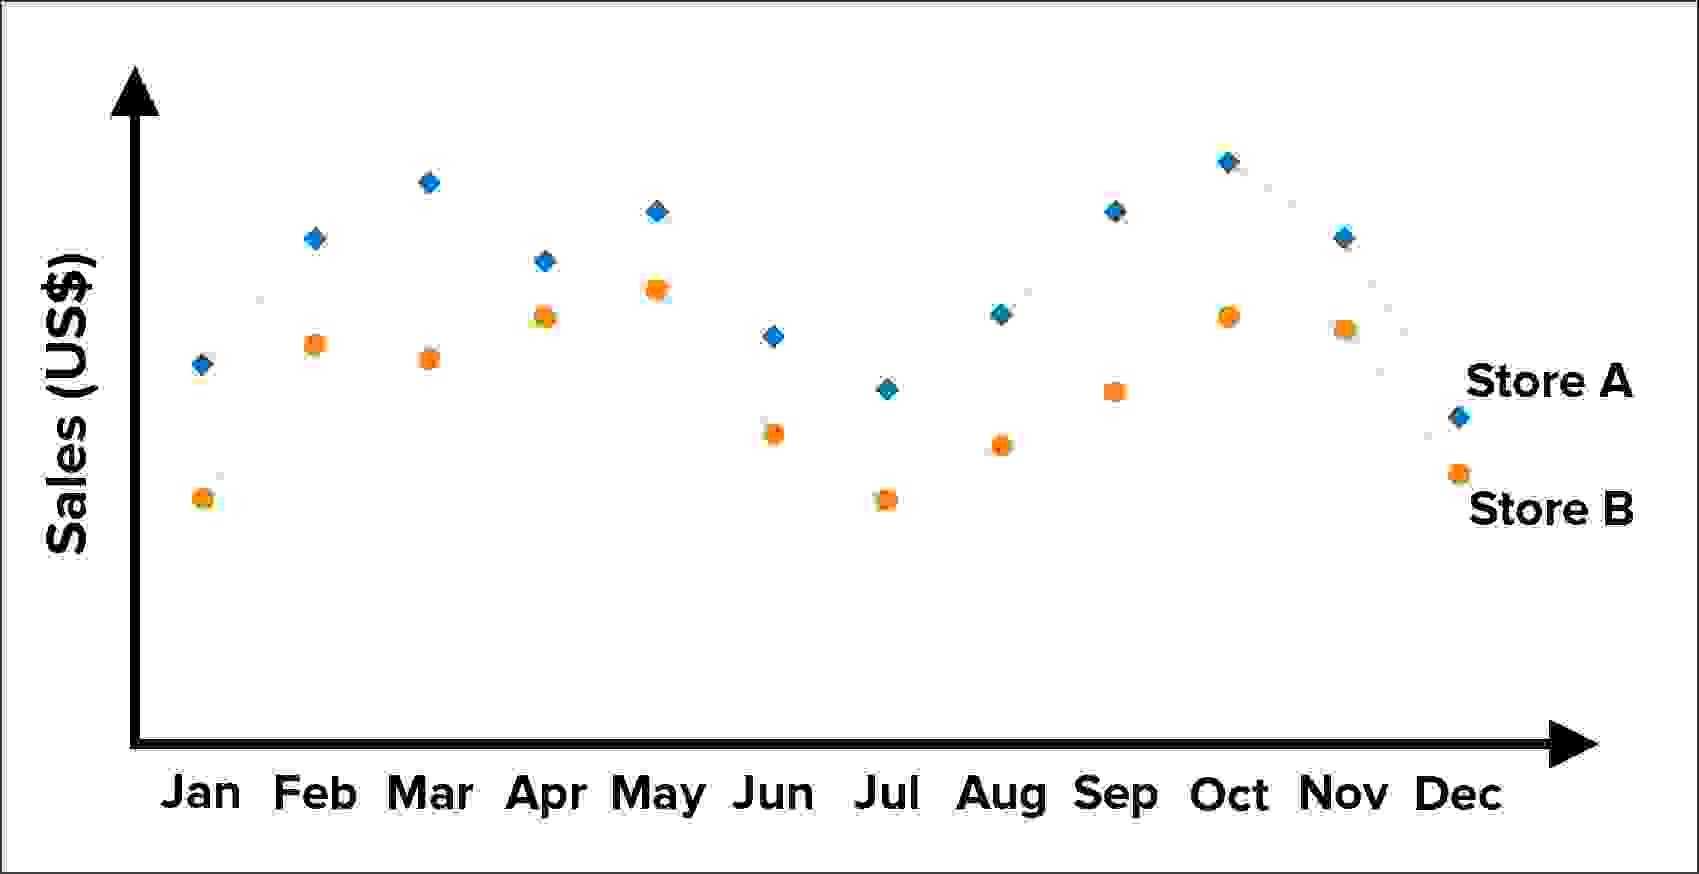 مثال على خط الرّسم البيانيّ مع سلسلة بيانات متعدّدة